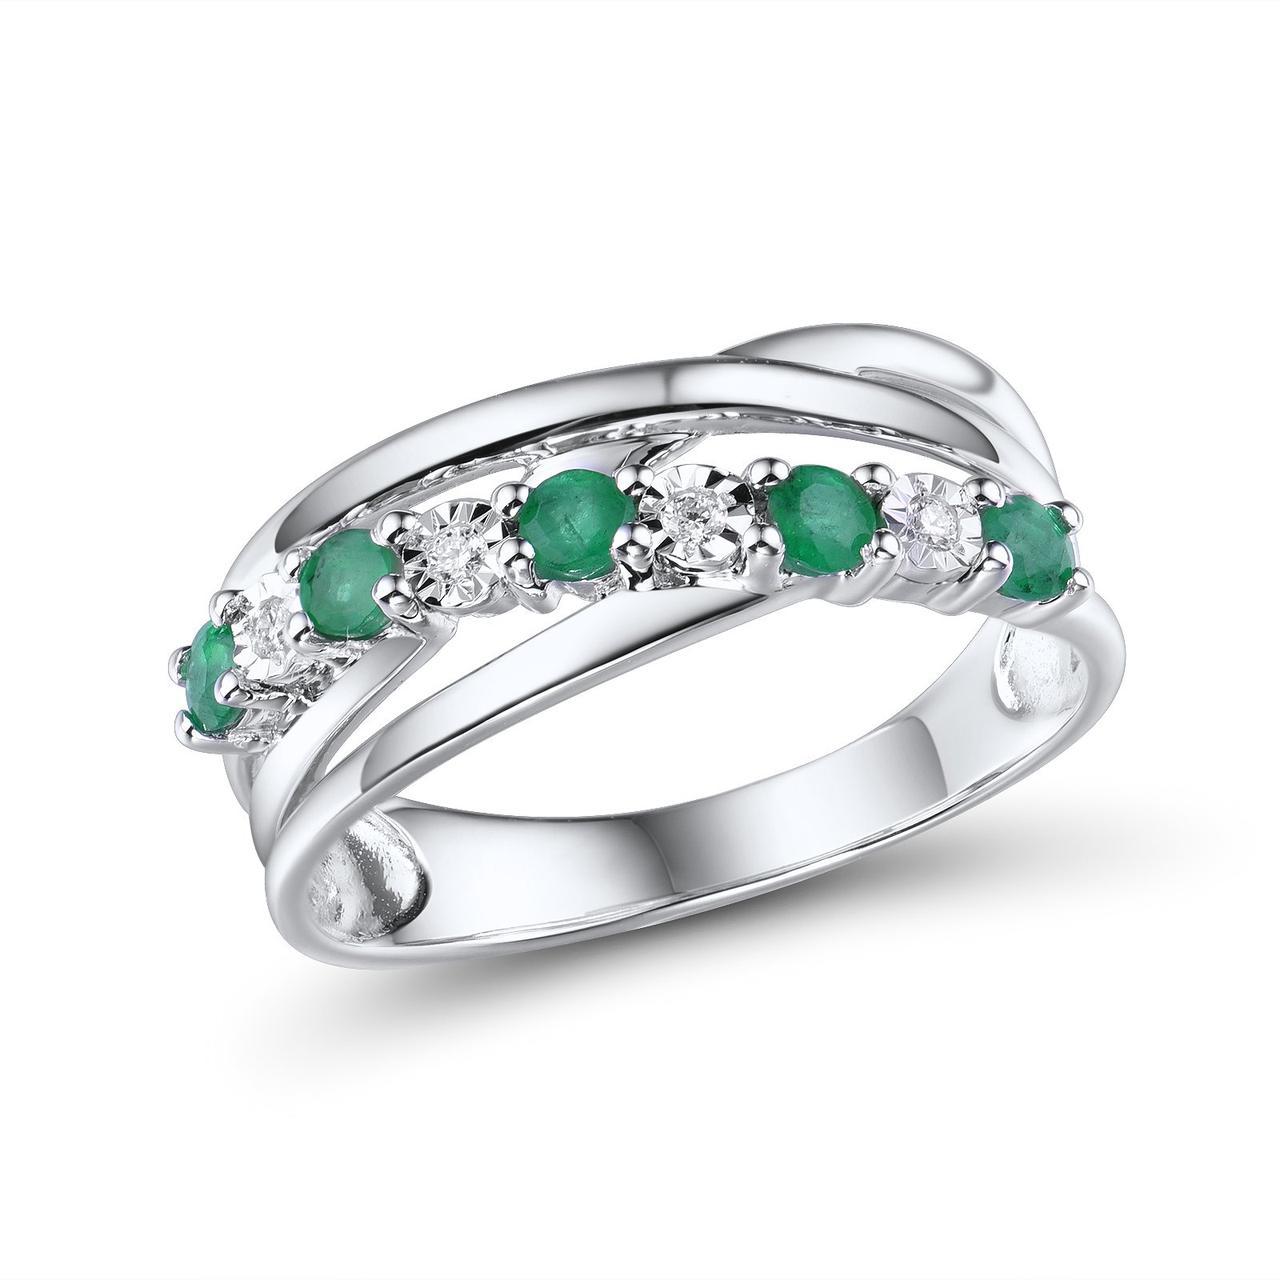 Золотое кольцо с бриллиантами и изумрудами, размер 17 (210385)